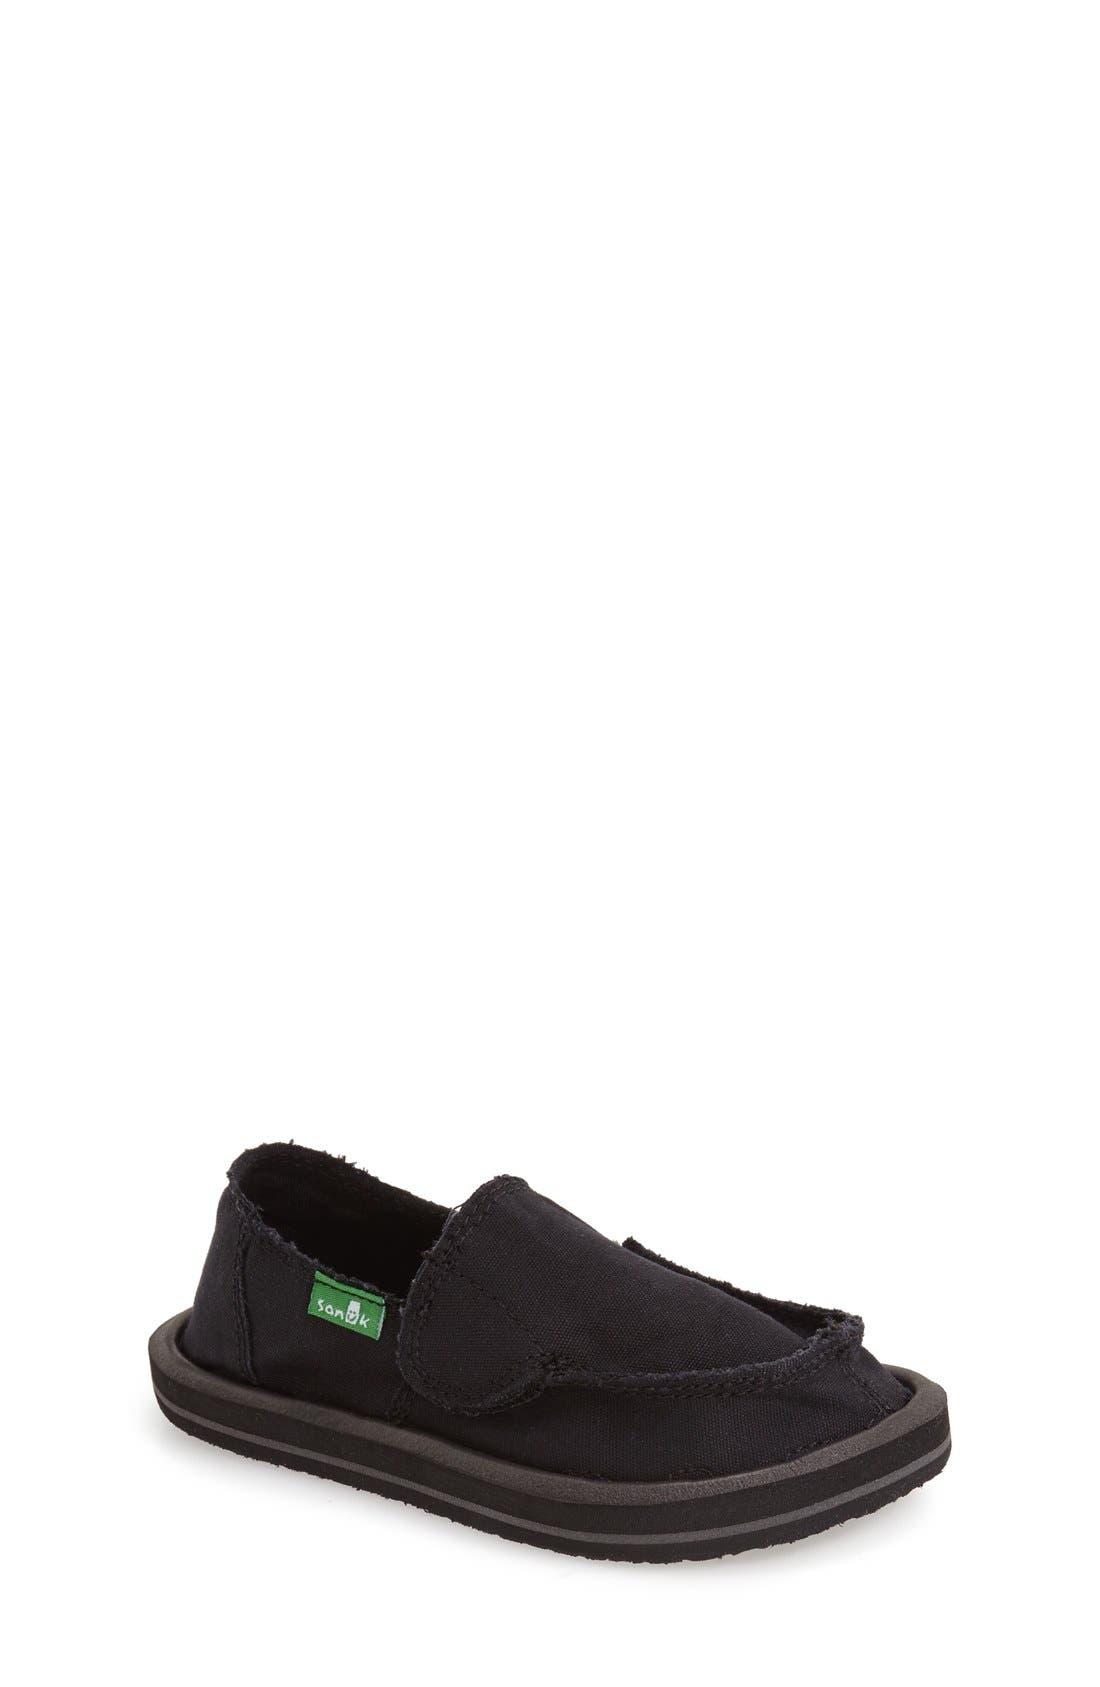 'Donny & Donna' Slip-On,                         Main,                         color, BLACK